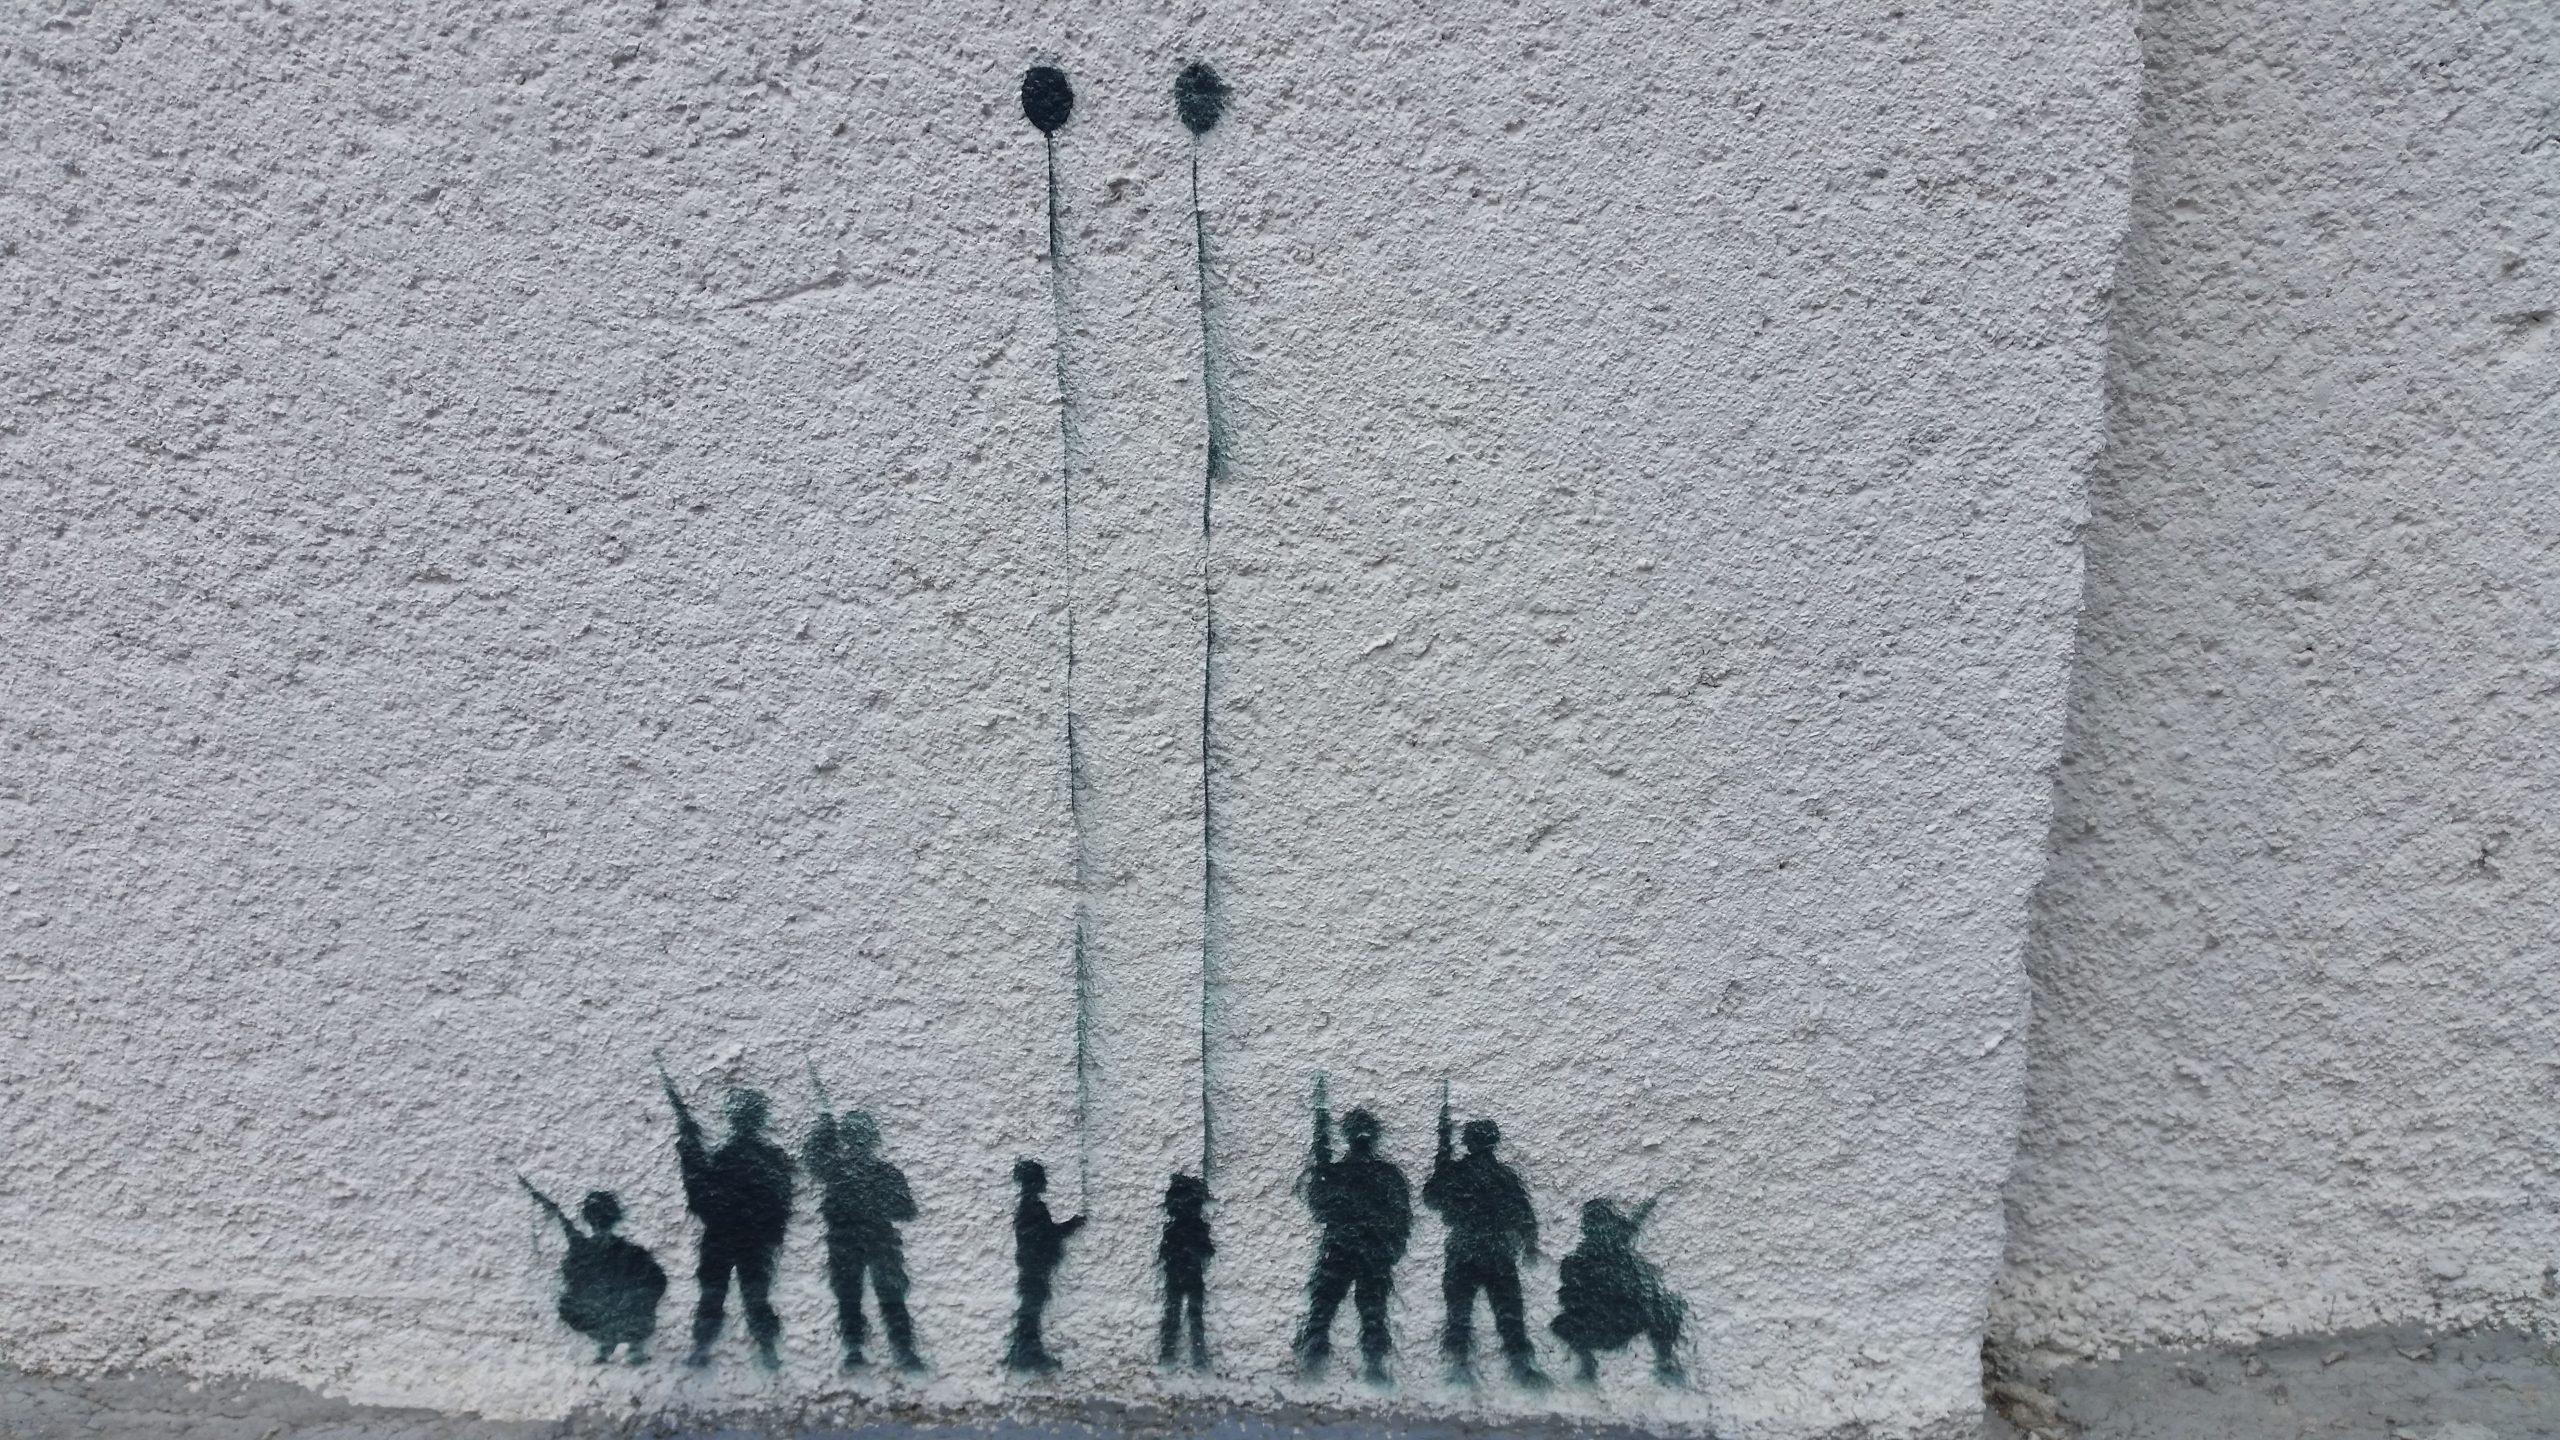 Na szarym murze sprayem namalowane cienie żołnierzy zkarabinami iwśrodku dwojga dzieci zbalonikami.